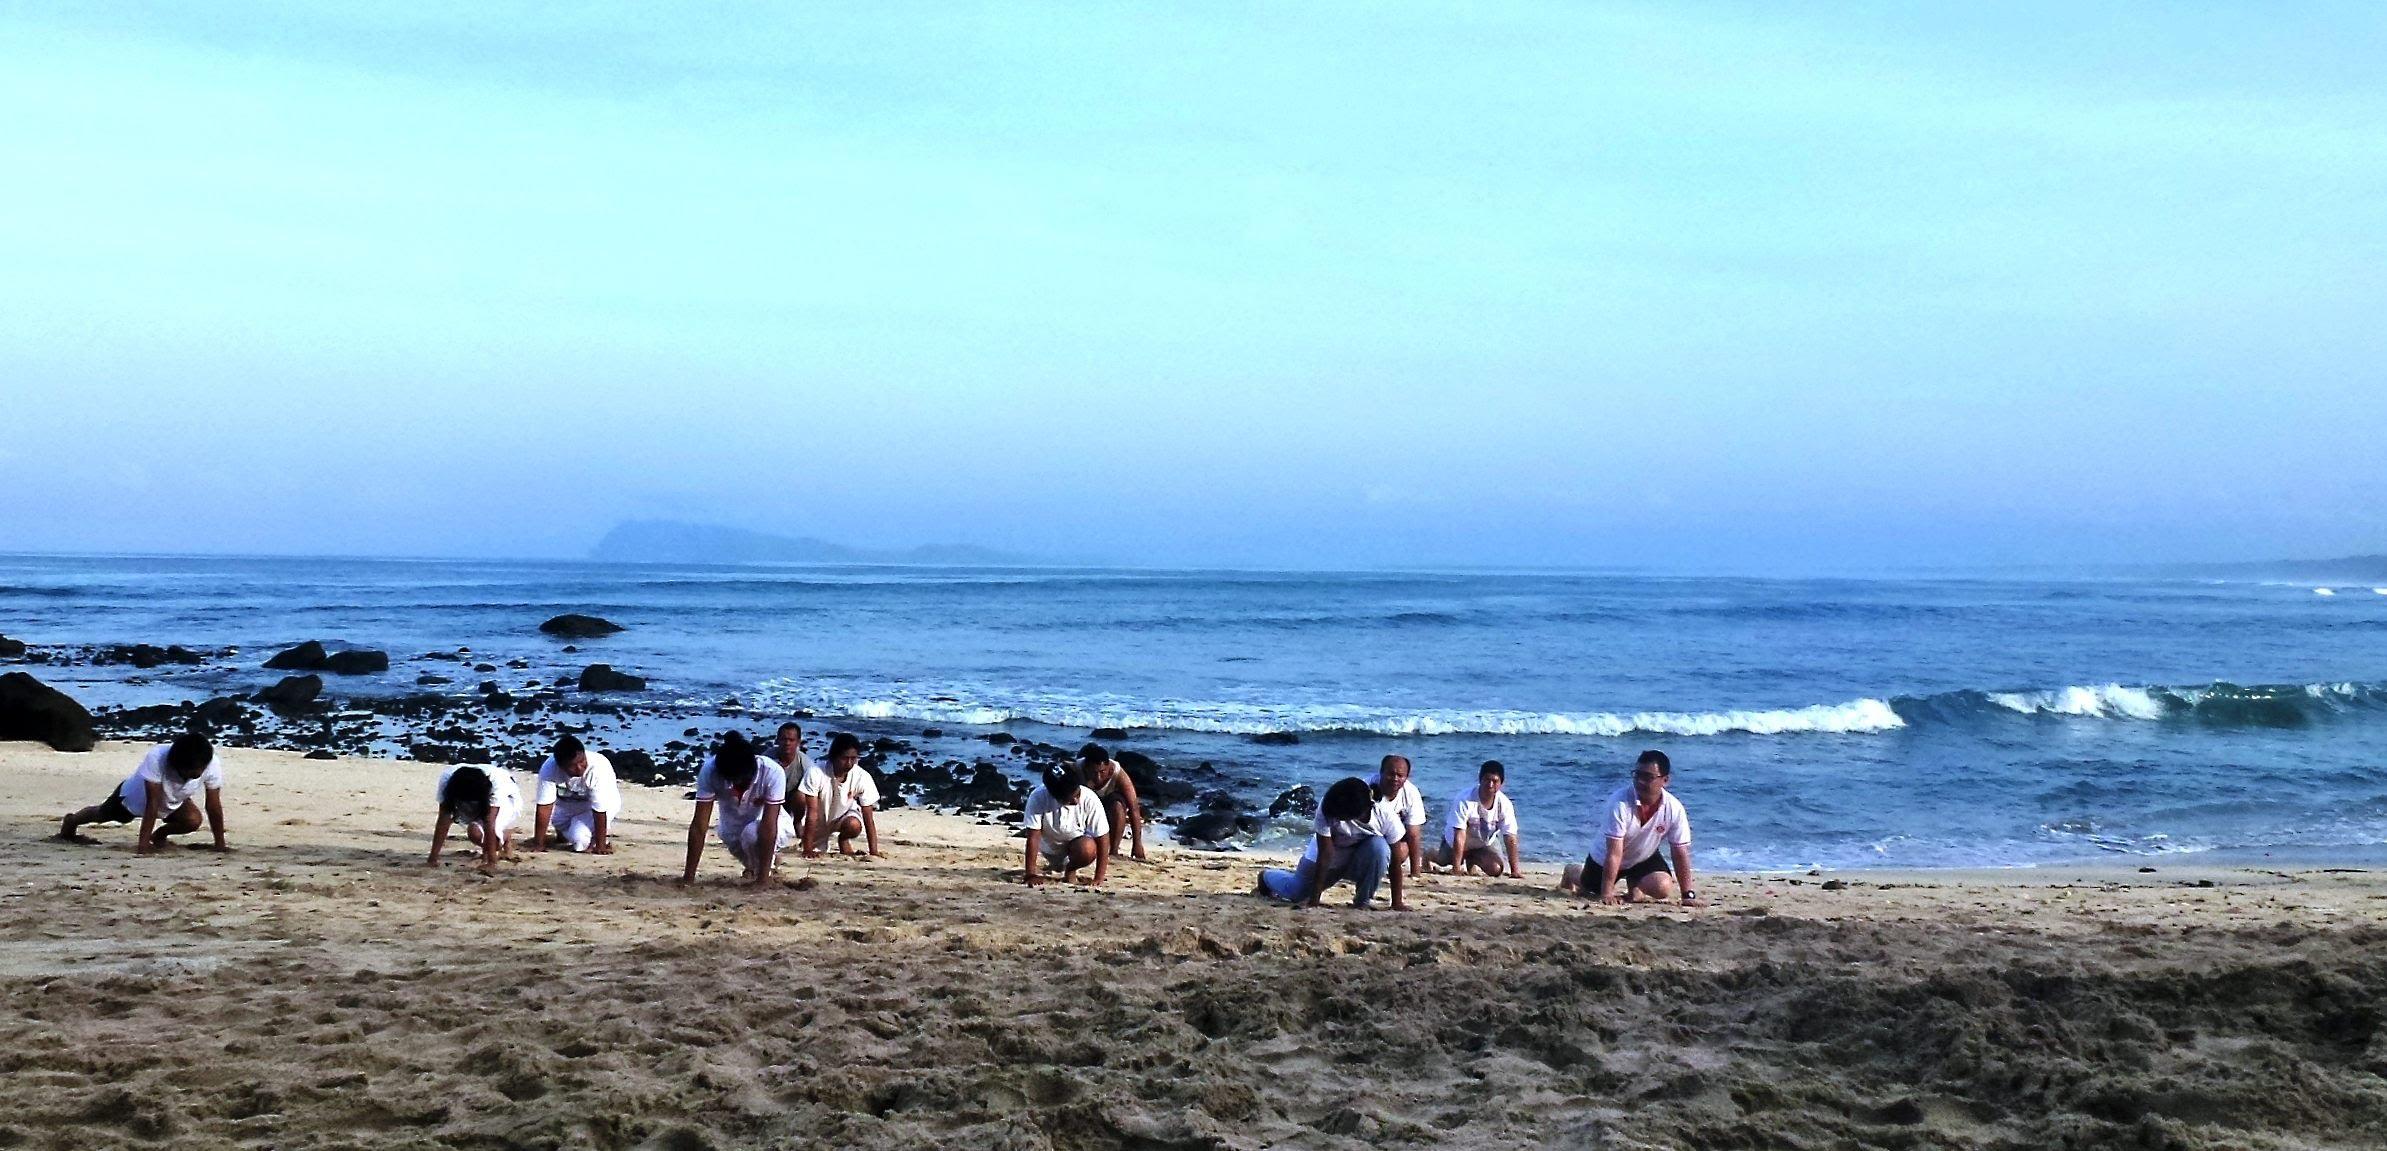 Pagi Pantai Pancur Alas Purwo Youtube Trianggulasi Kab Banyuwangi